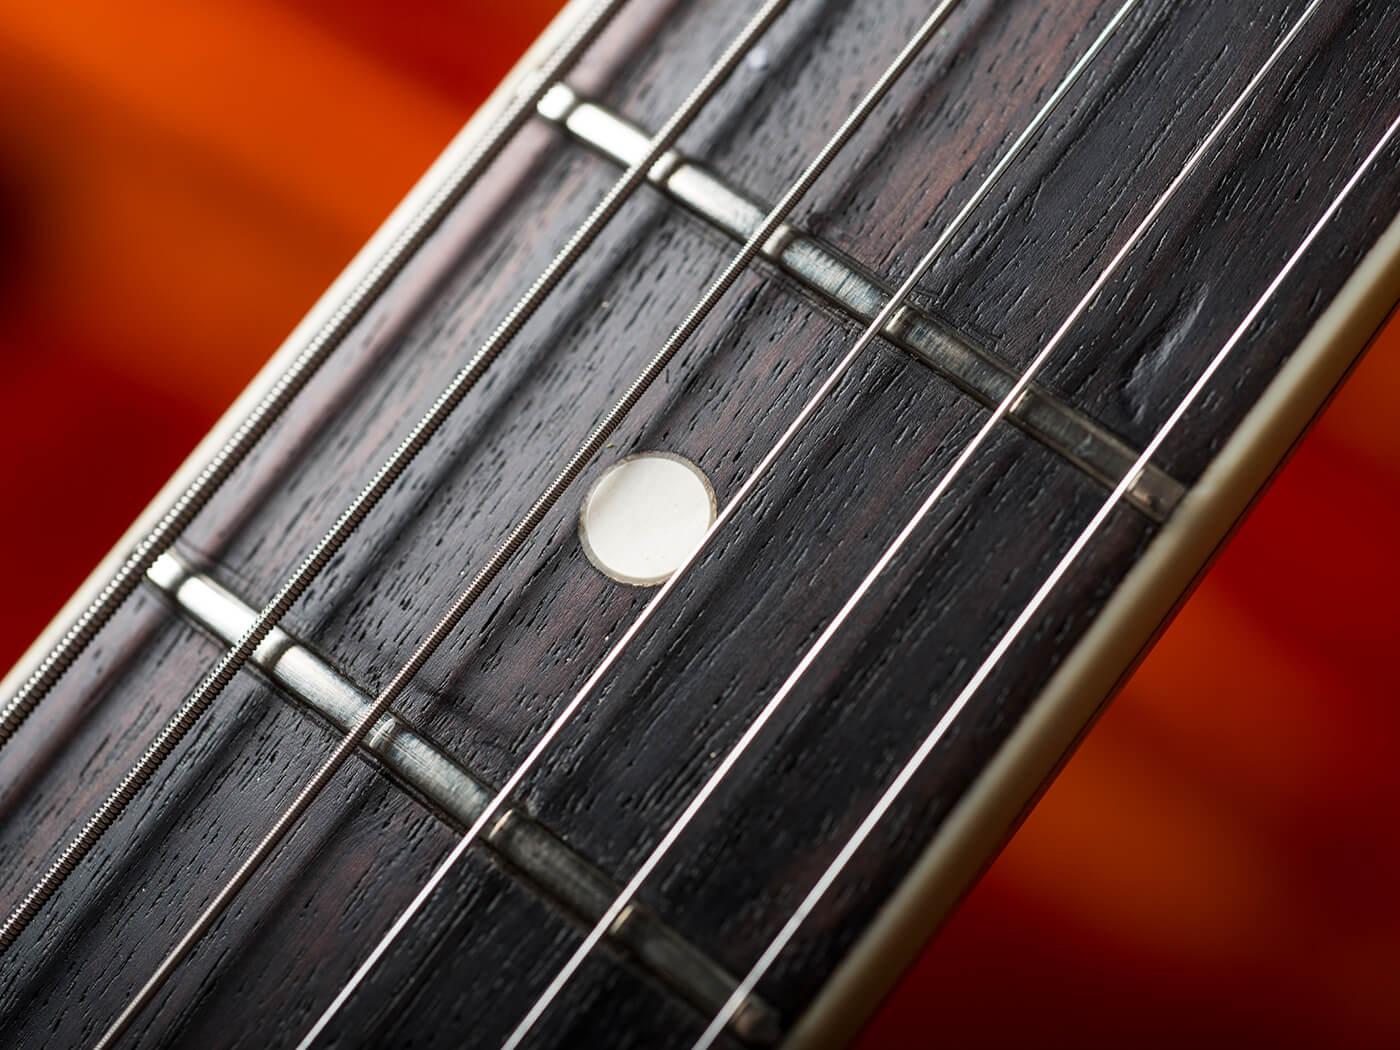 1966 Fender Jaguar Fretboard